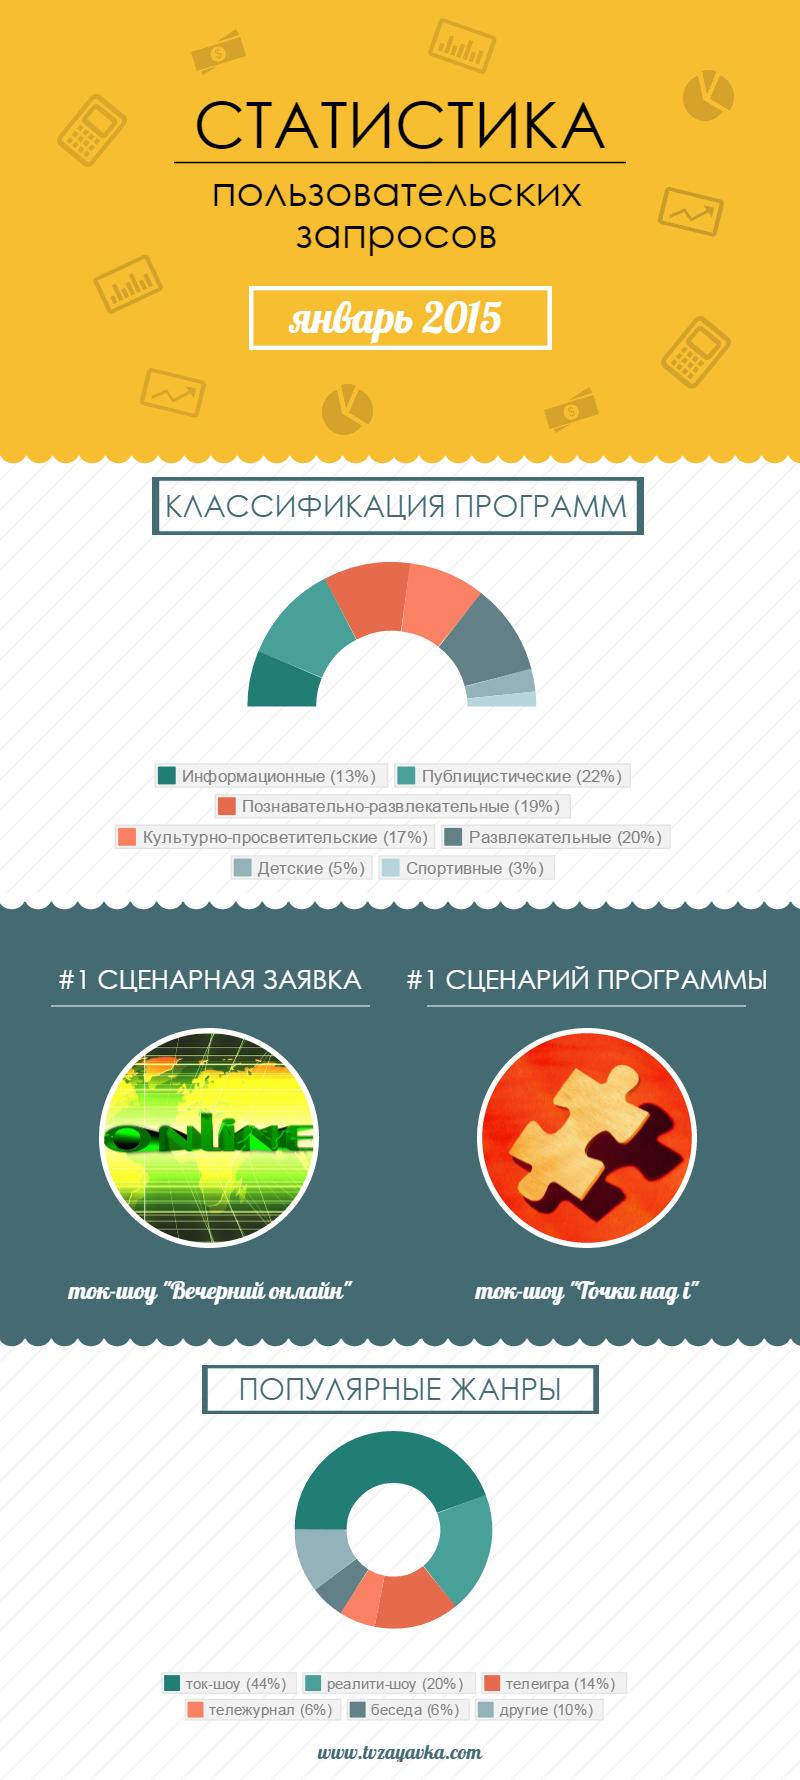 Статистика запросов: популярные жанры, заявки, сценарии телепрограмм